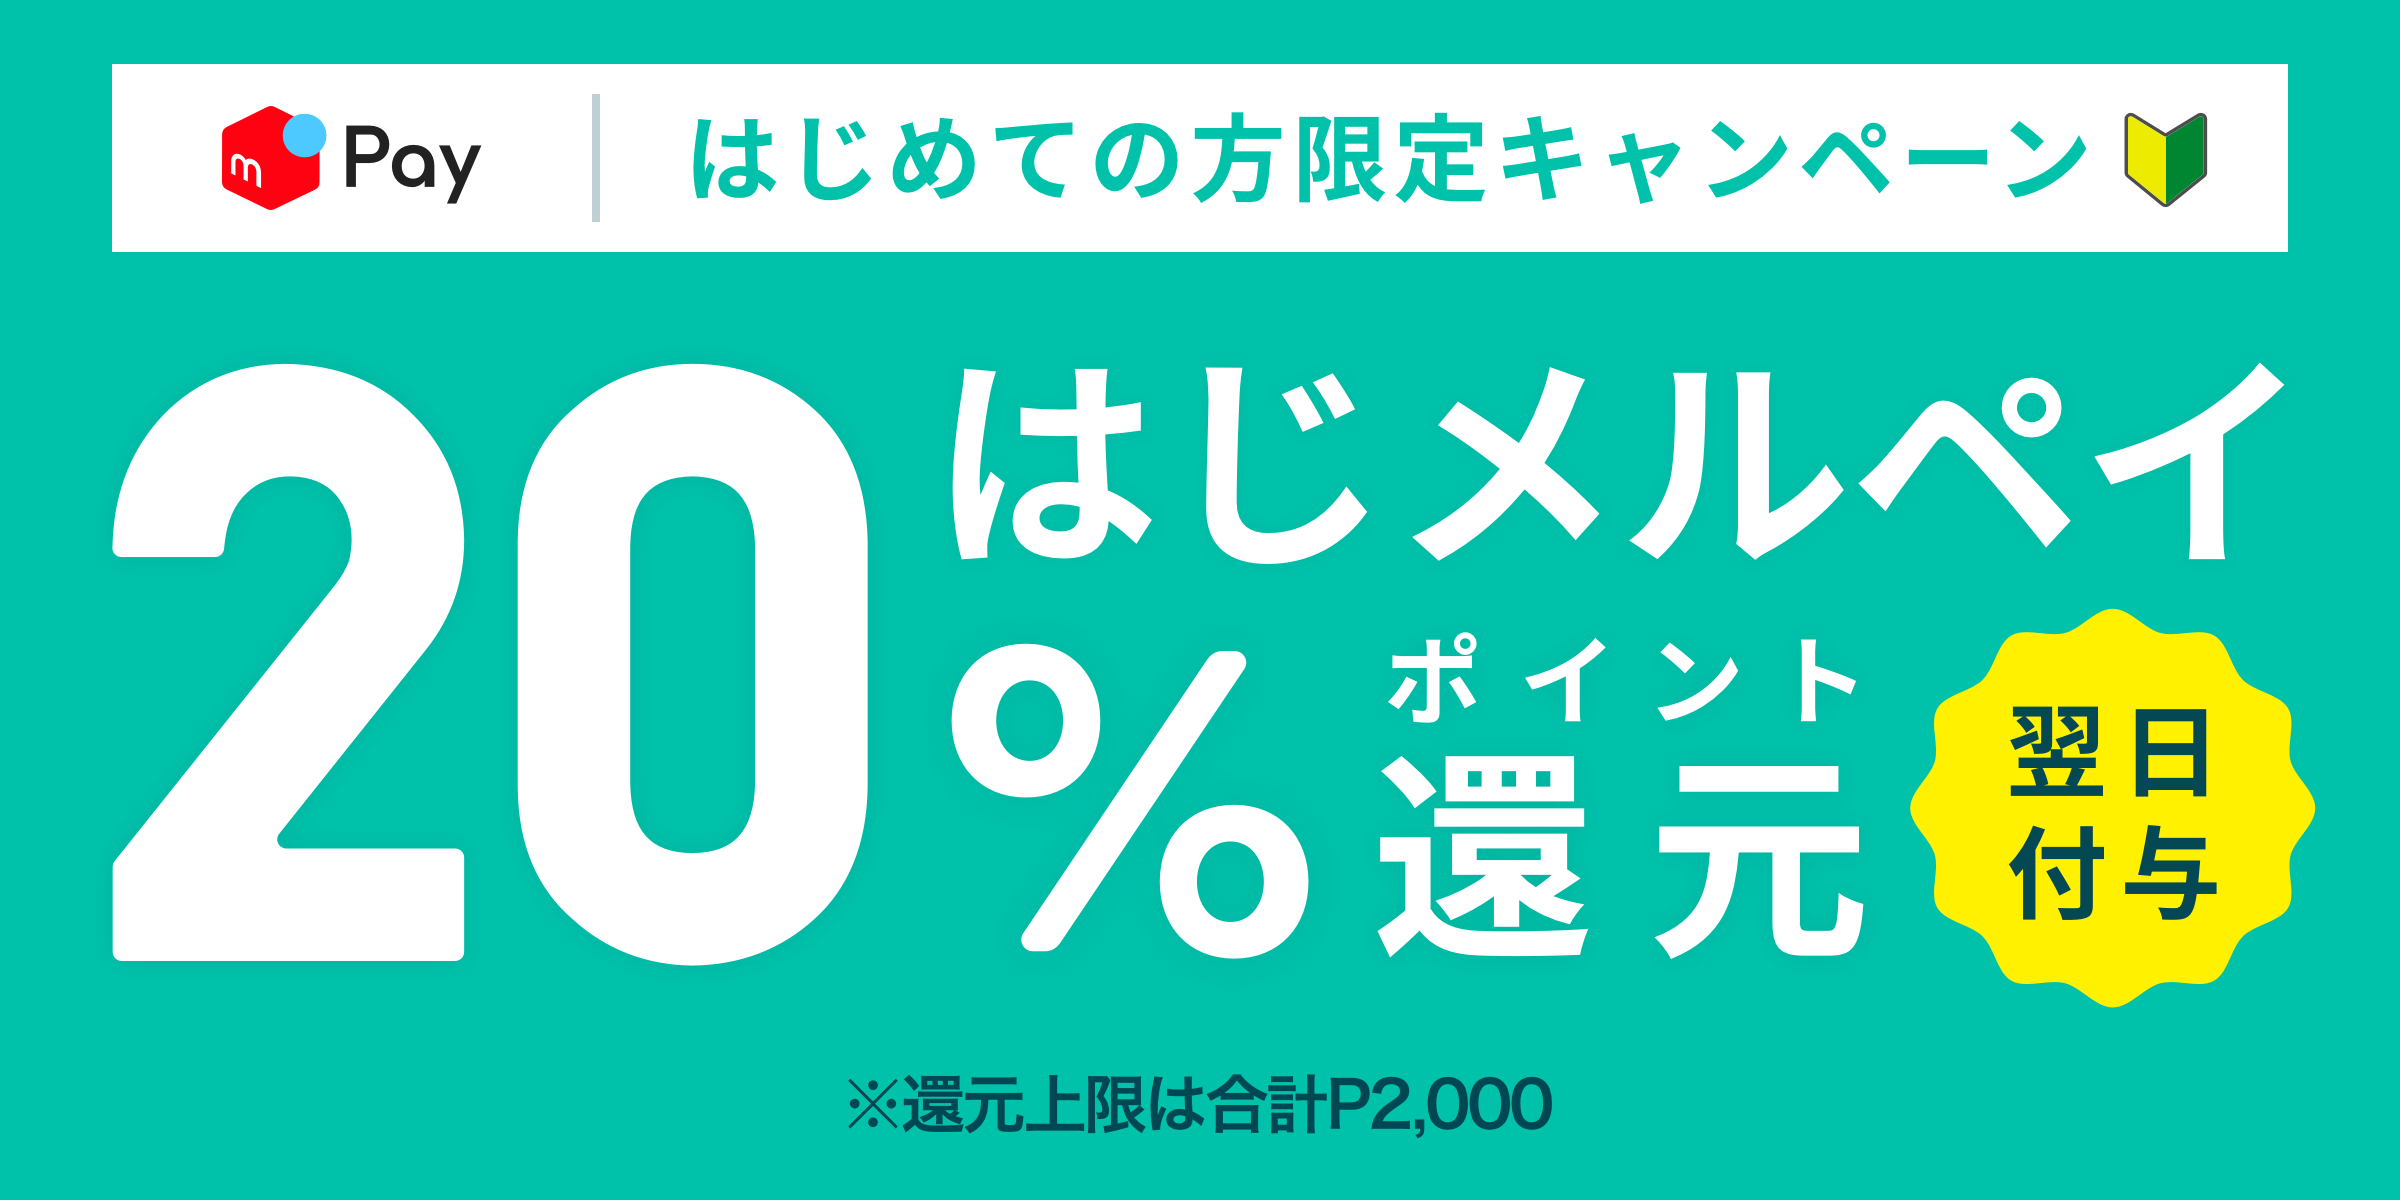 【5/21〜6/3】メルペイをはじめて使う方必見! はじメルペイキャンペーン開催